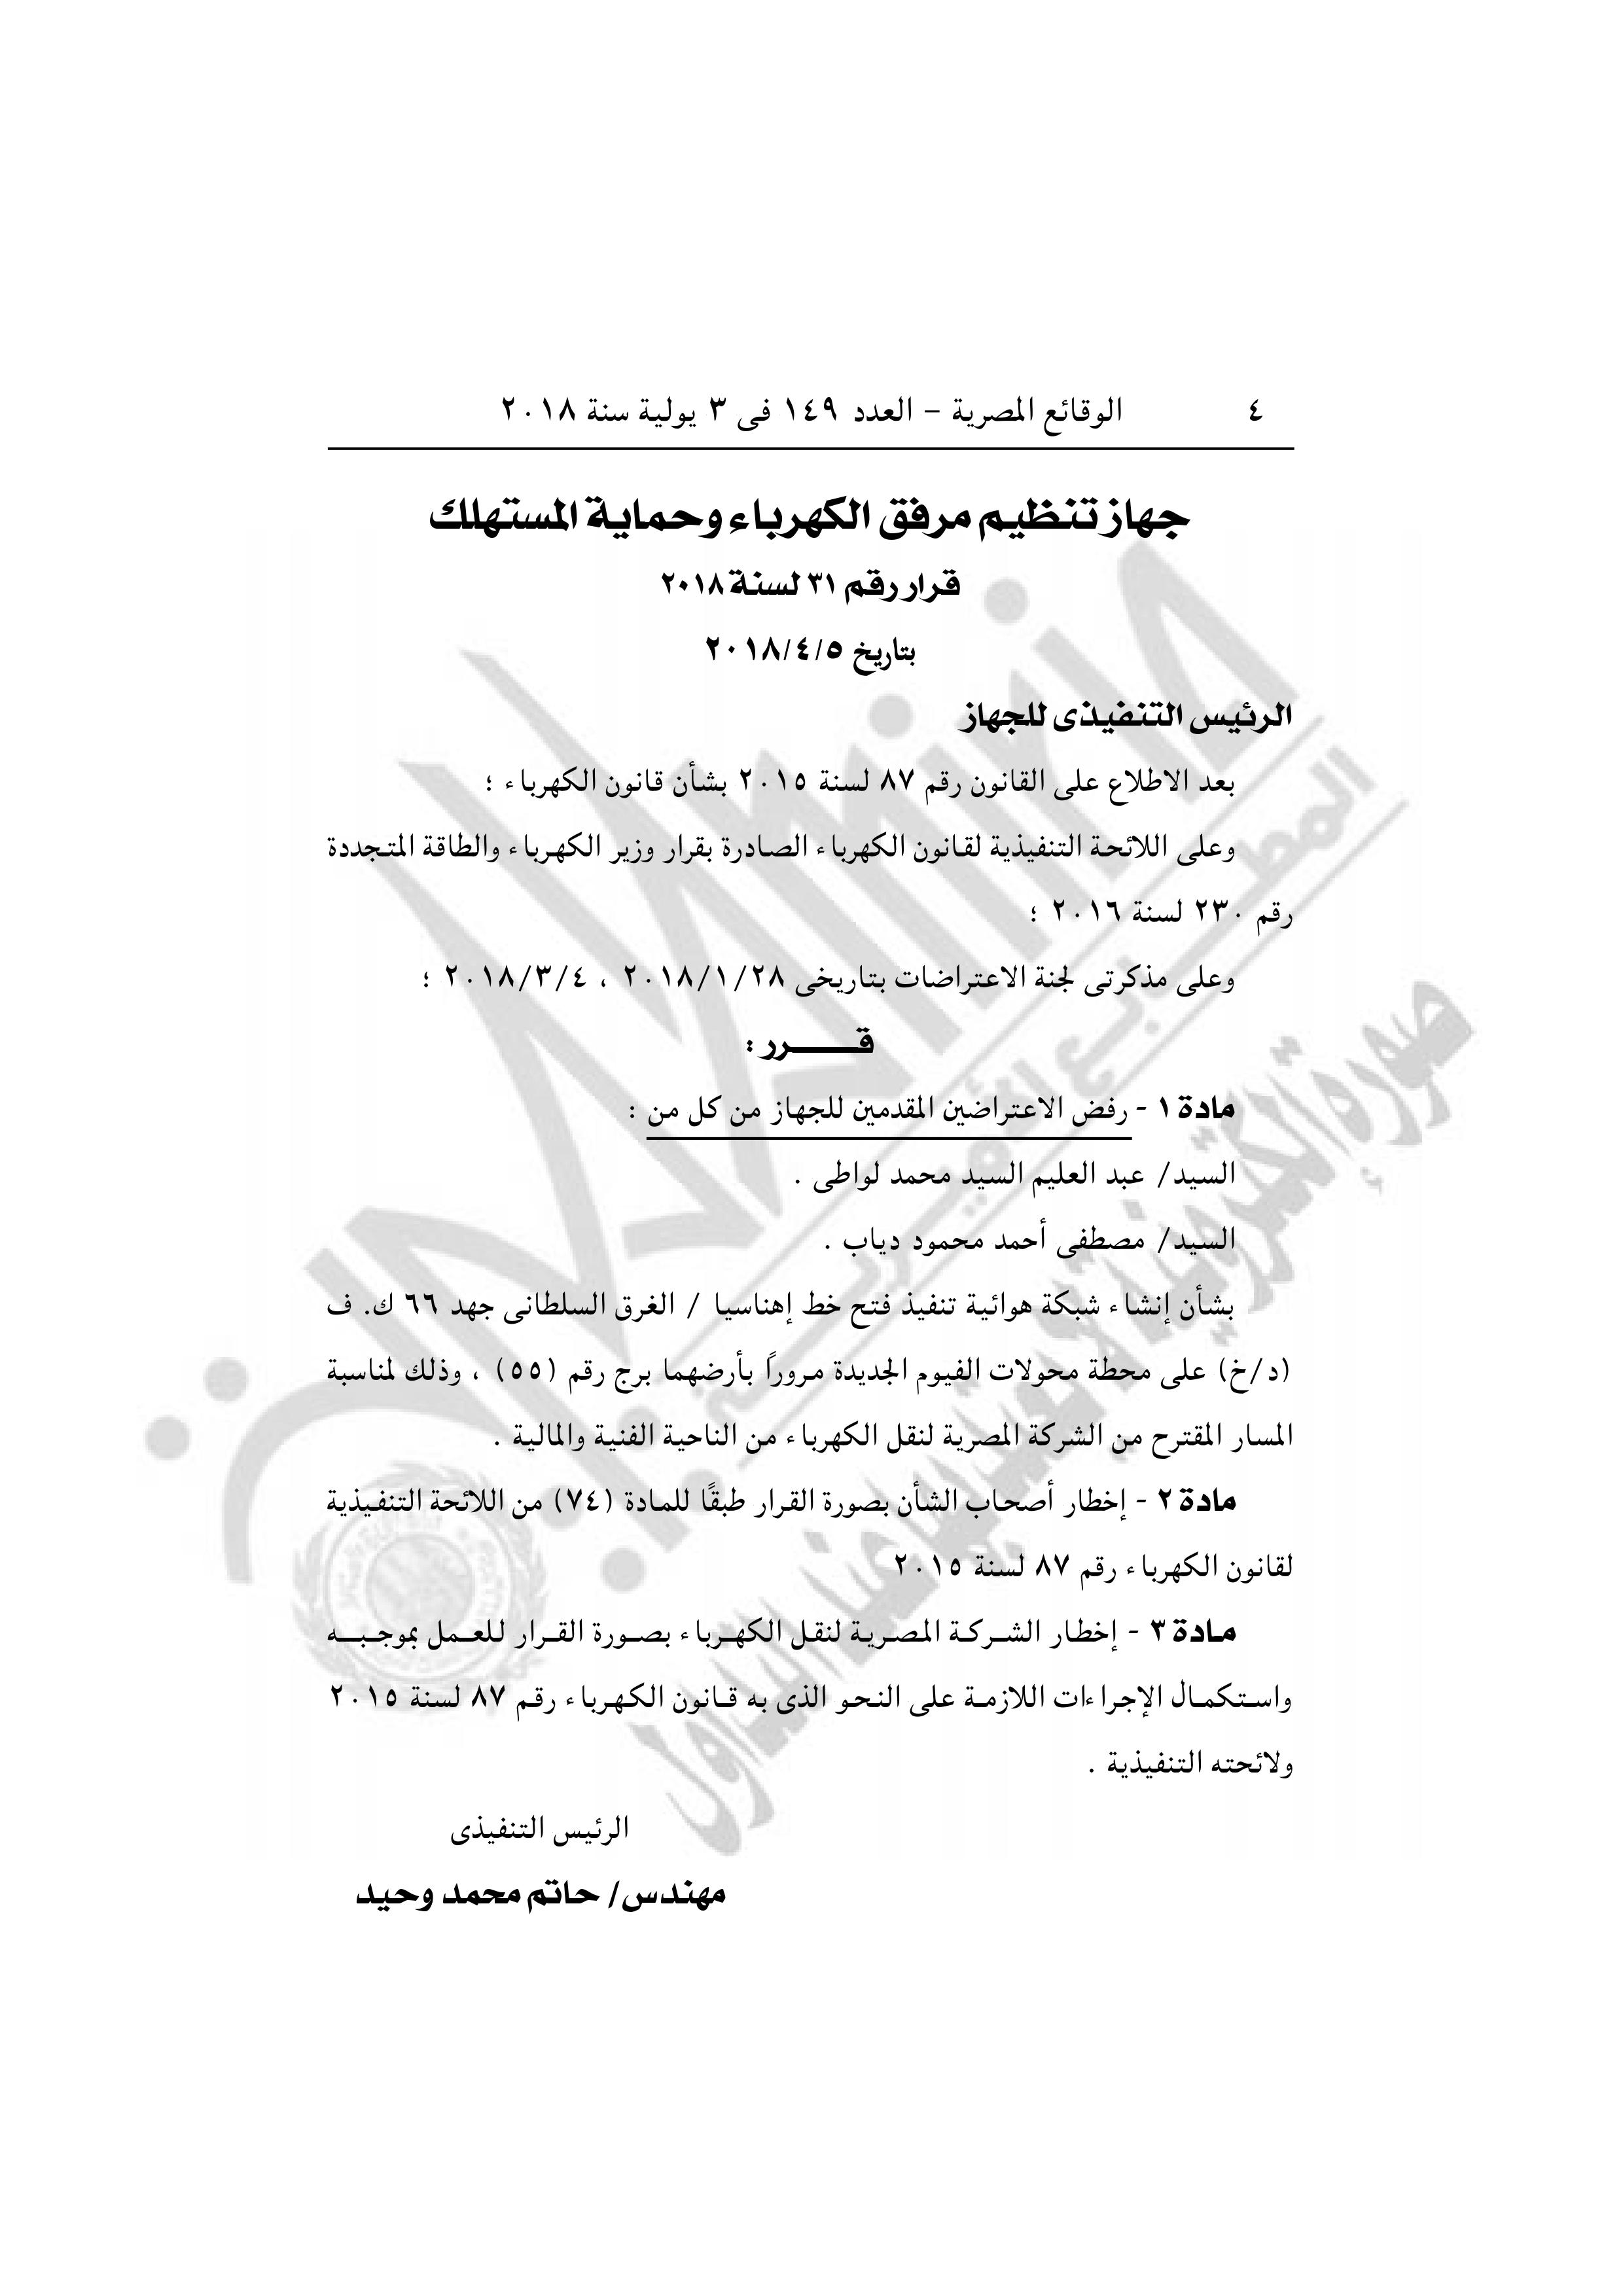 قرار الجريدة الرسمية (2)